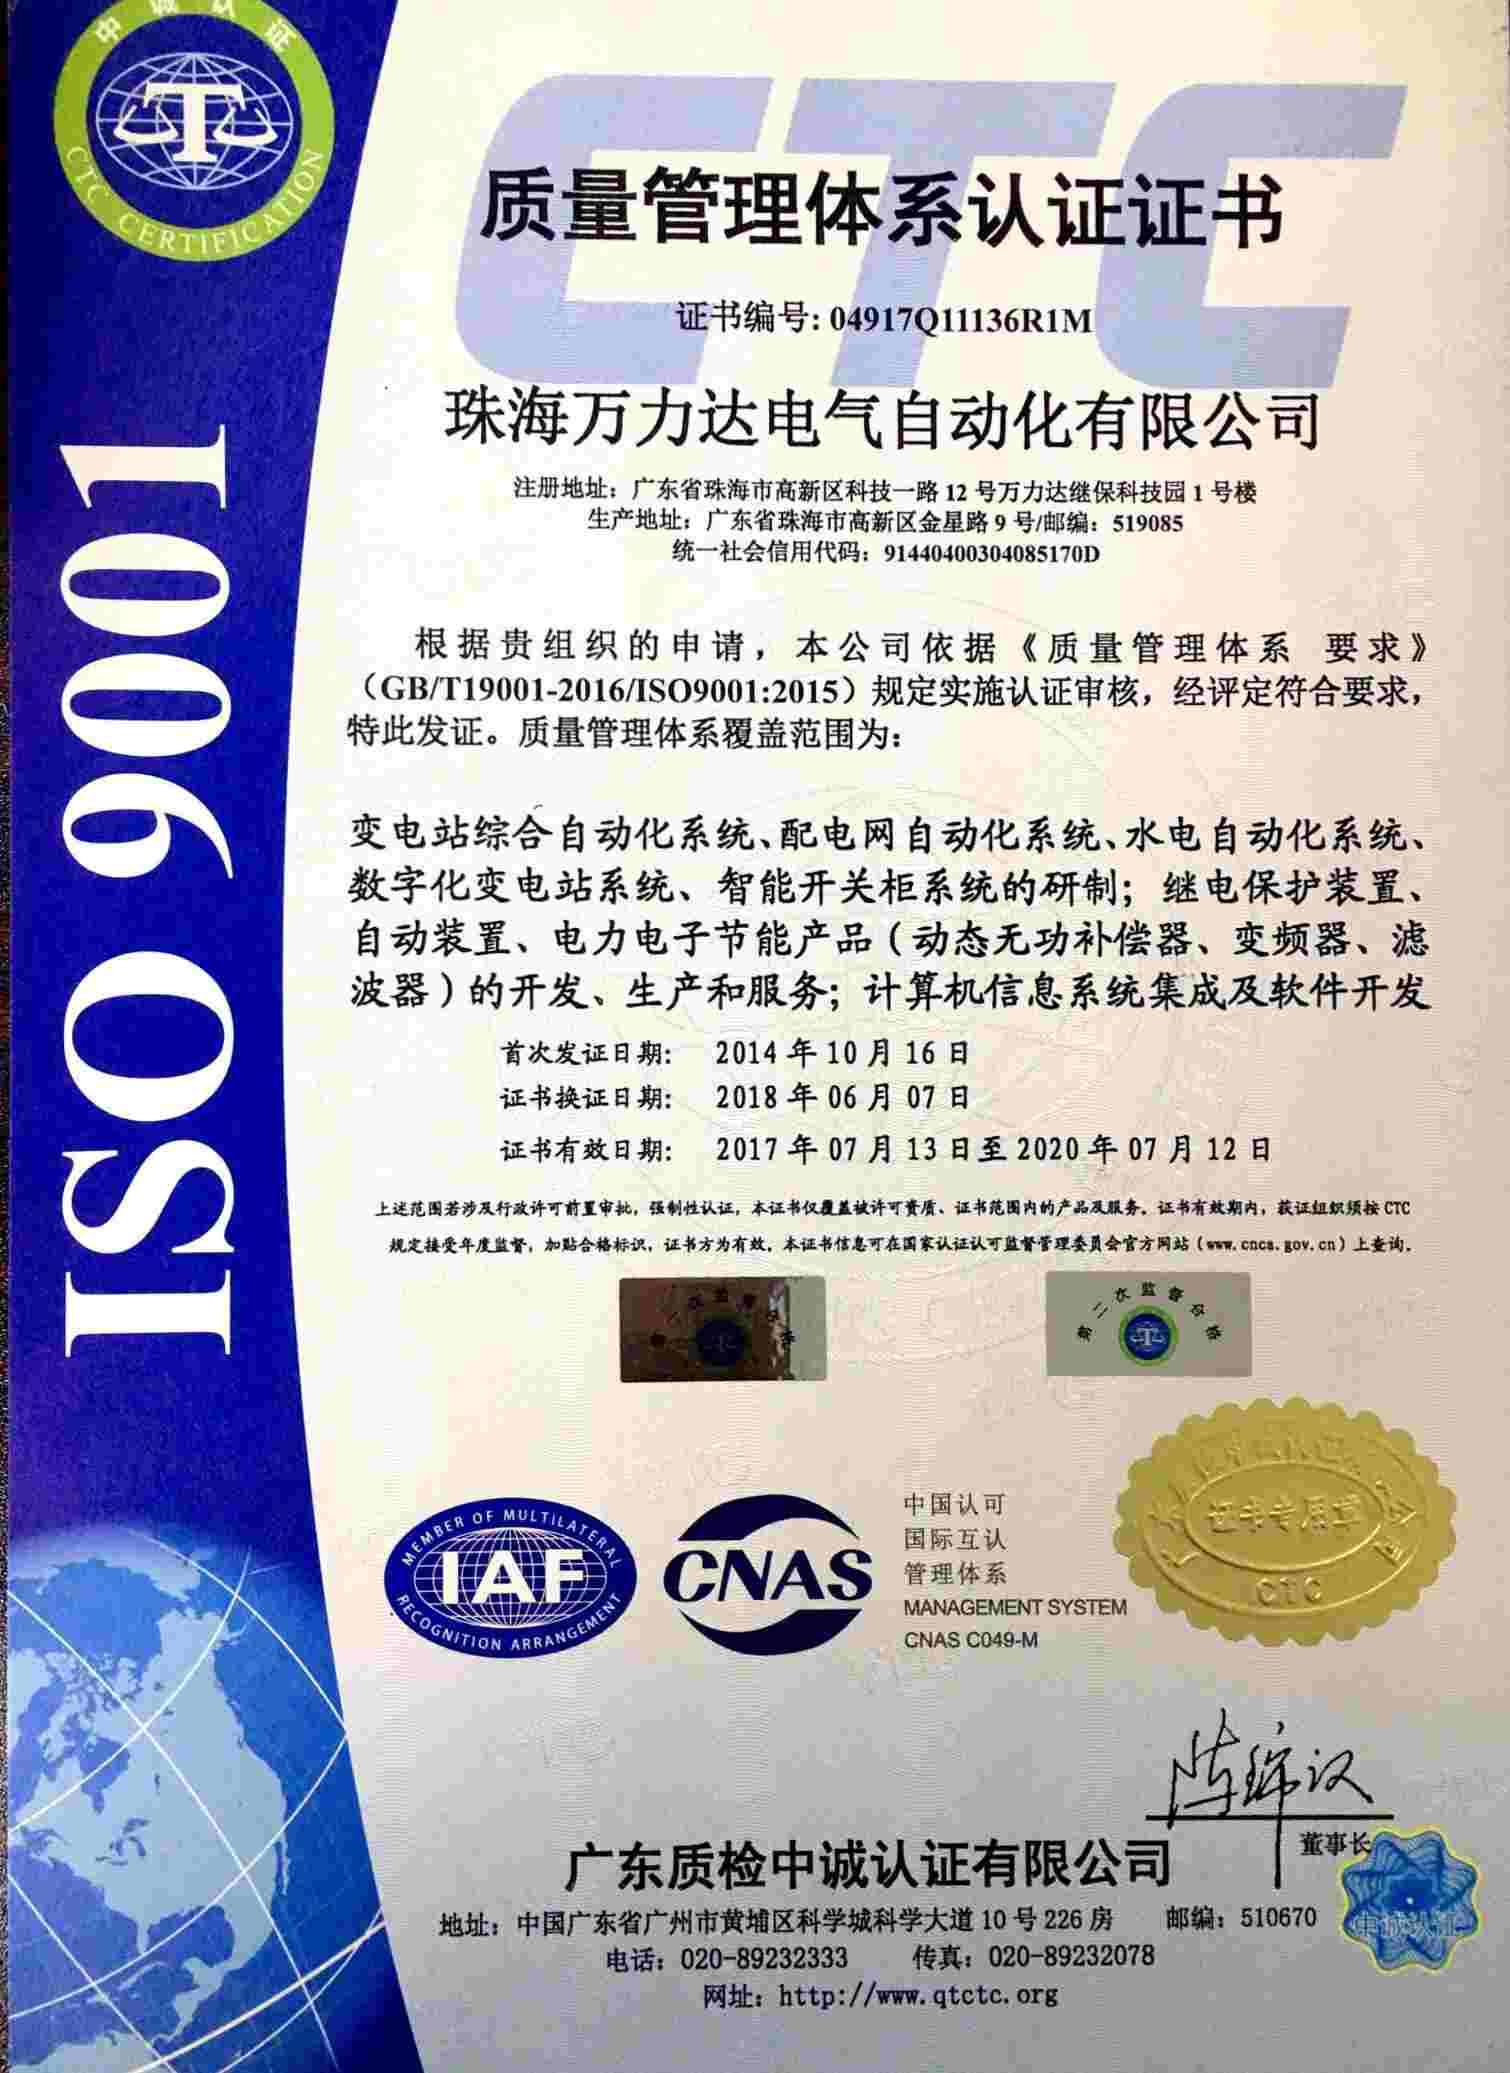 <span>质量管理体系认证</span>